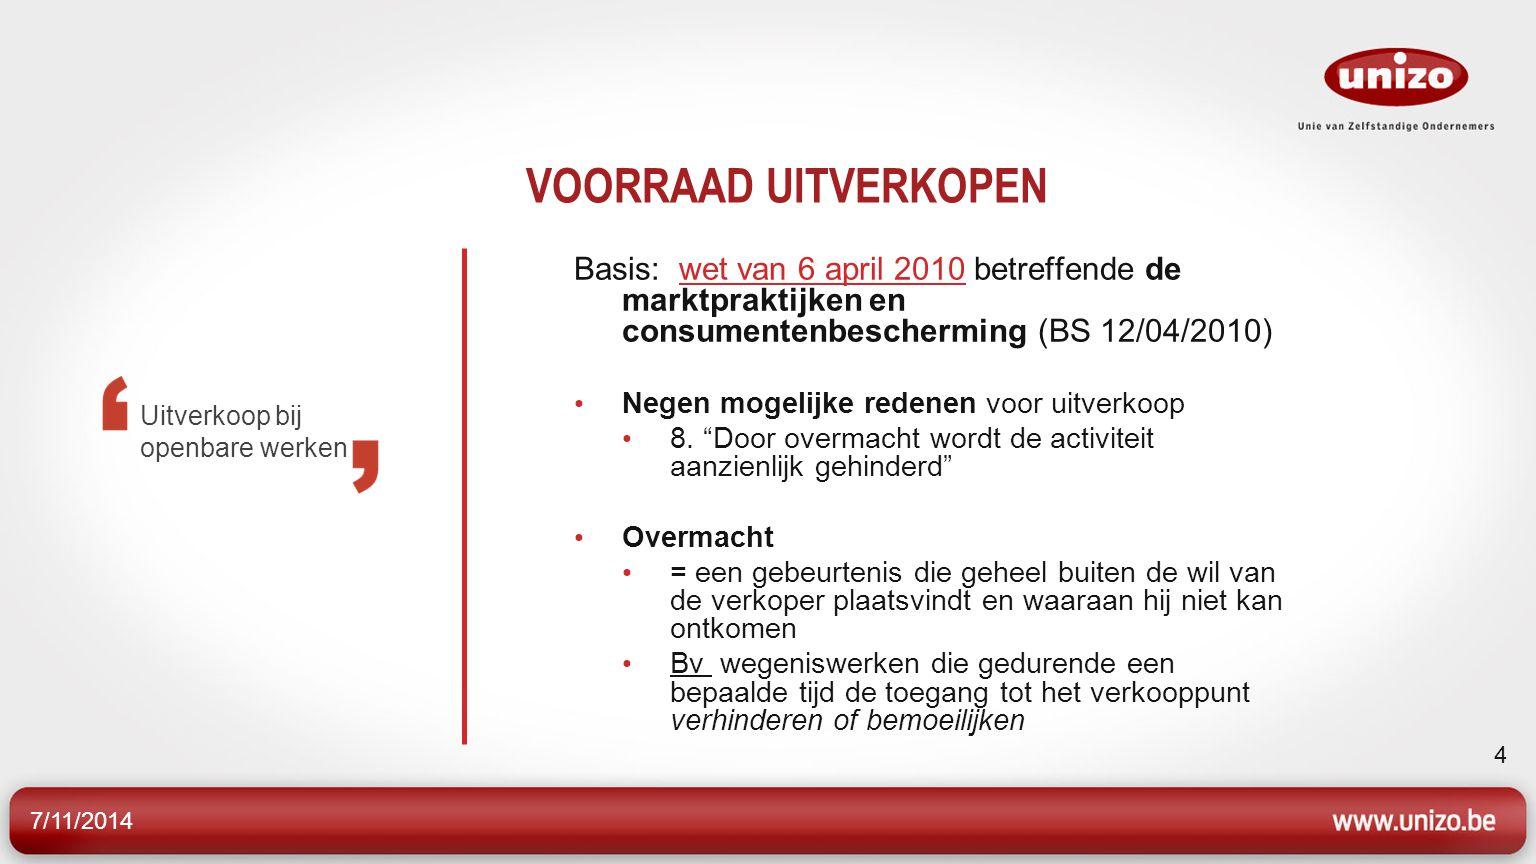 VOORRAAD UITVERKOPEN Basis: wet van 6 april 2010 betreffende de marktpraktijken en consumentenbescherming (BS 12/04/2010)